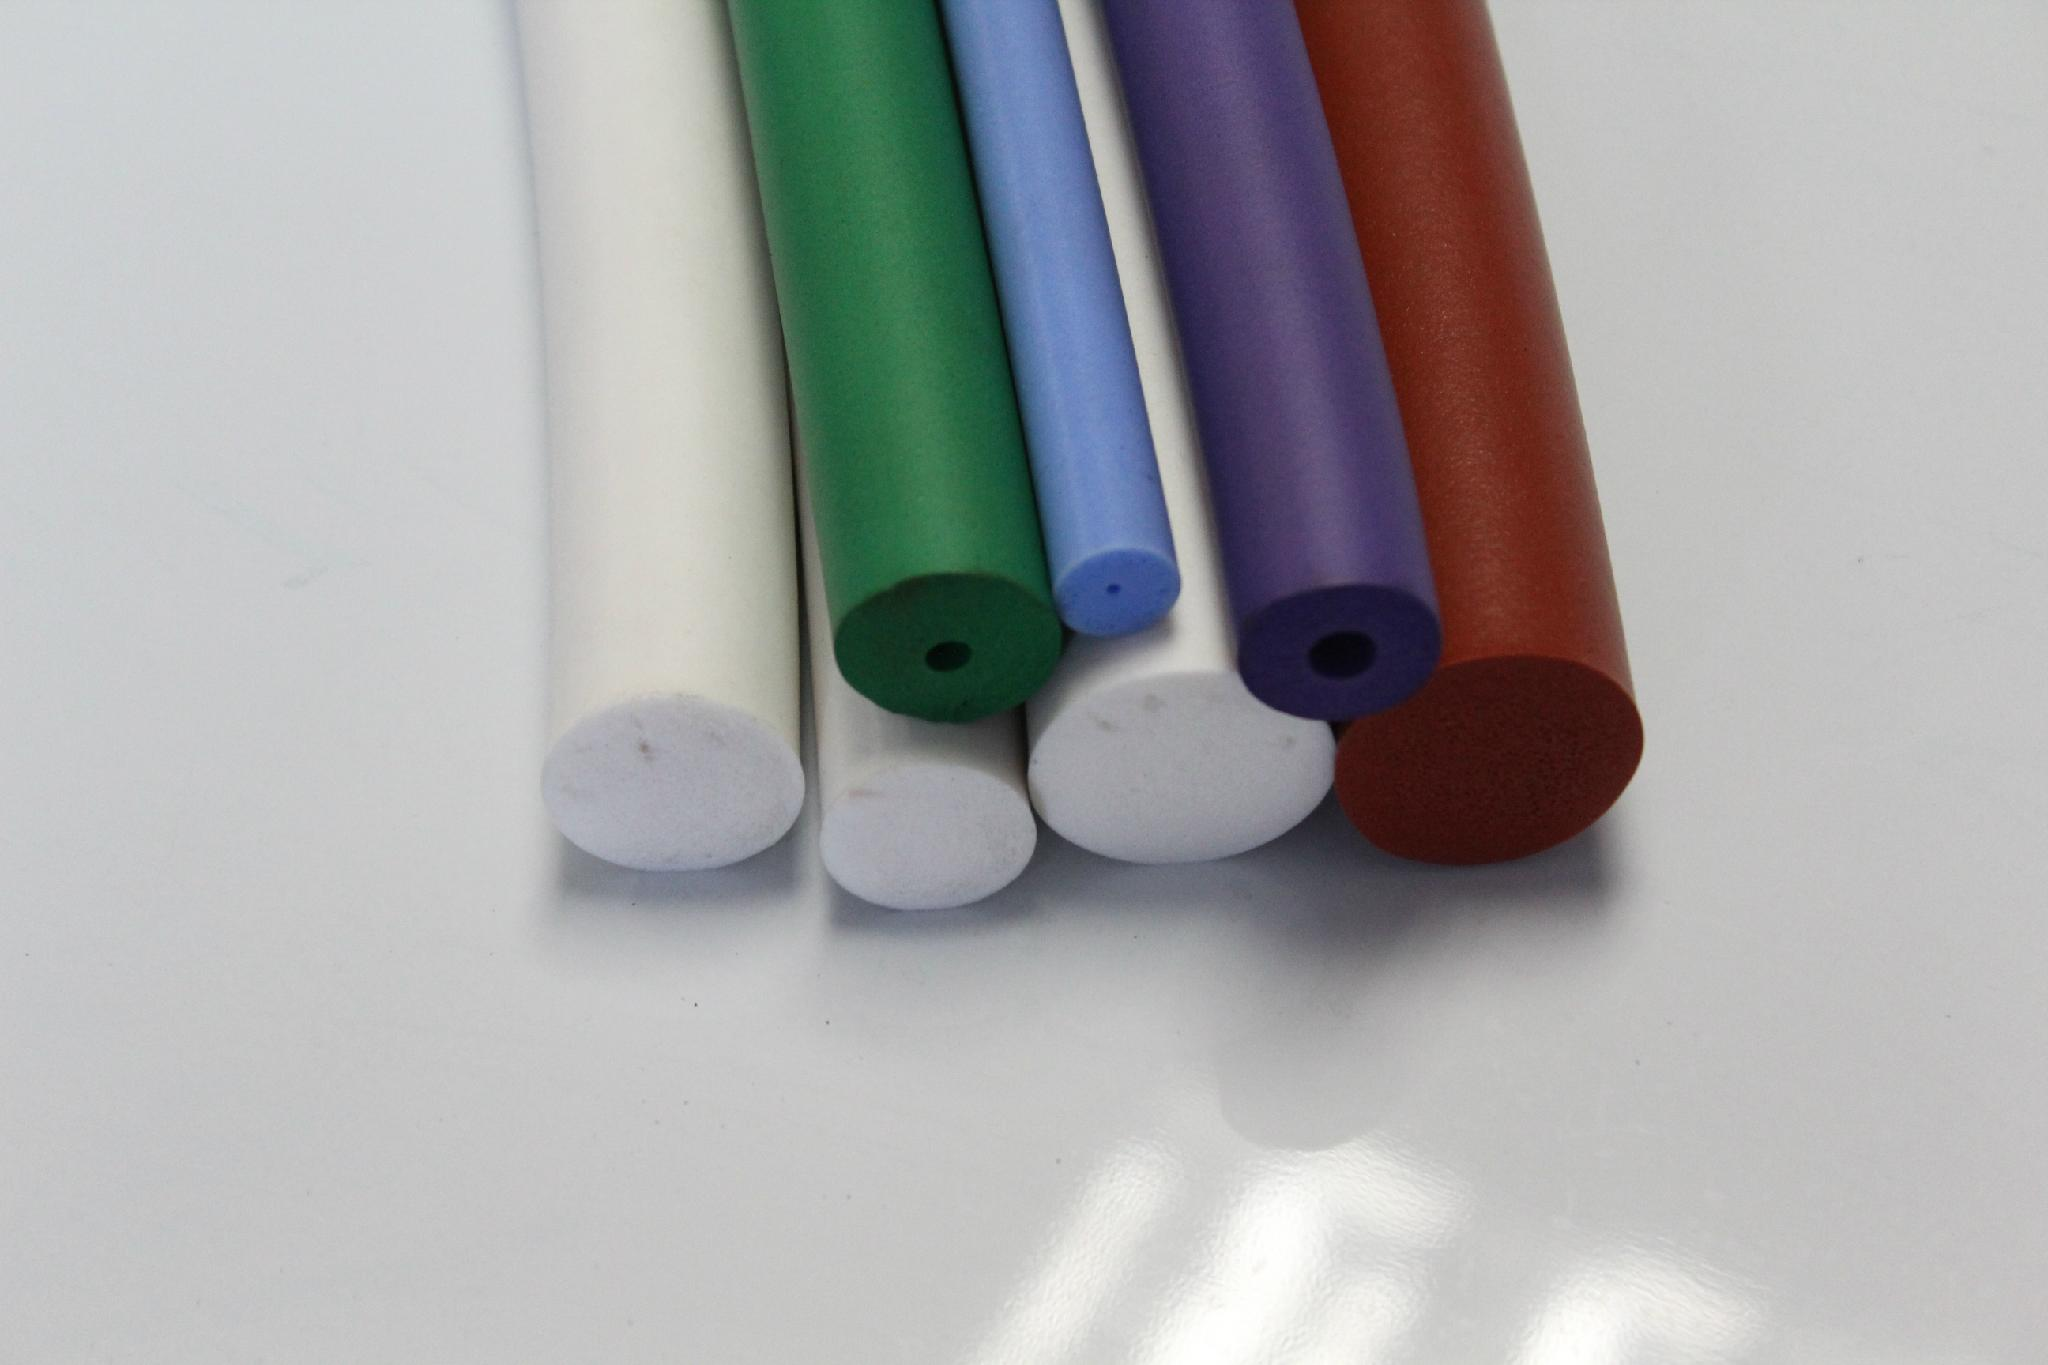 主营:硅胶发泡管,发泡硅胶管,硅胶发泡密封条生产工厂硅胶管,食品级